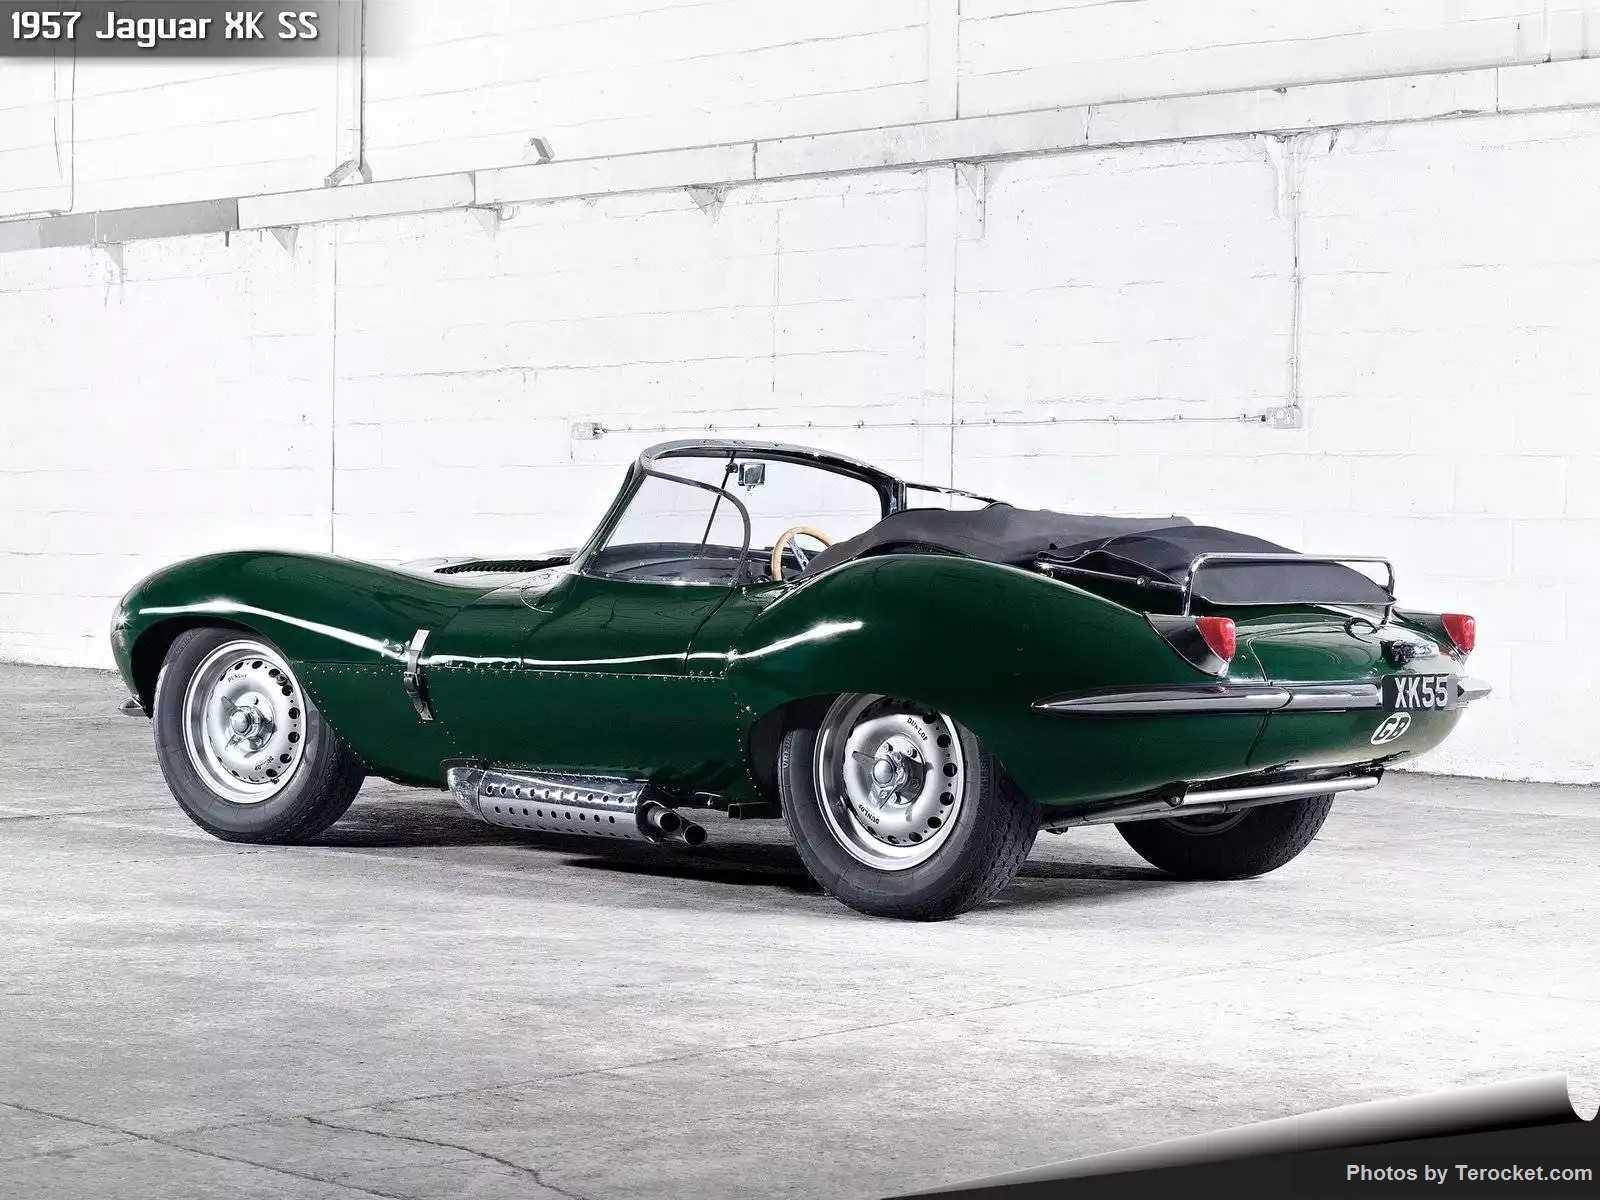 Hình ảnh xe ô tô Jaguar XK SS 1957 & nội ngoại thất